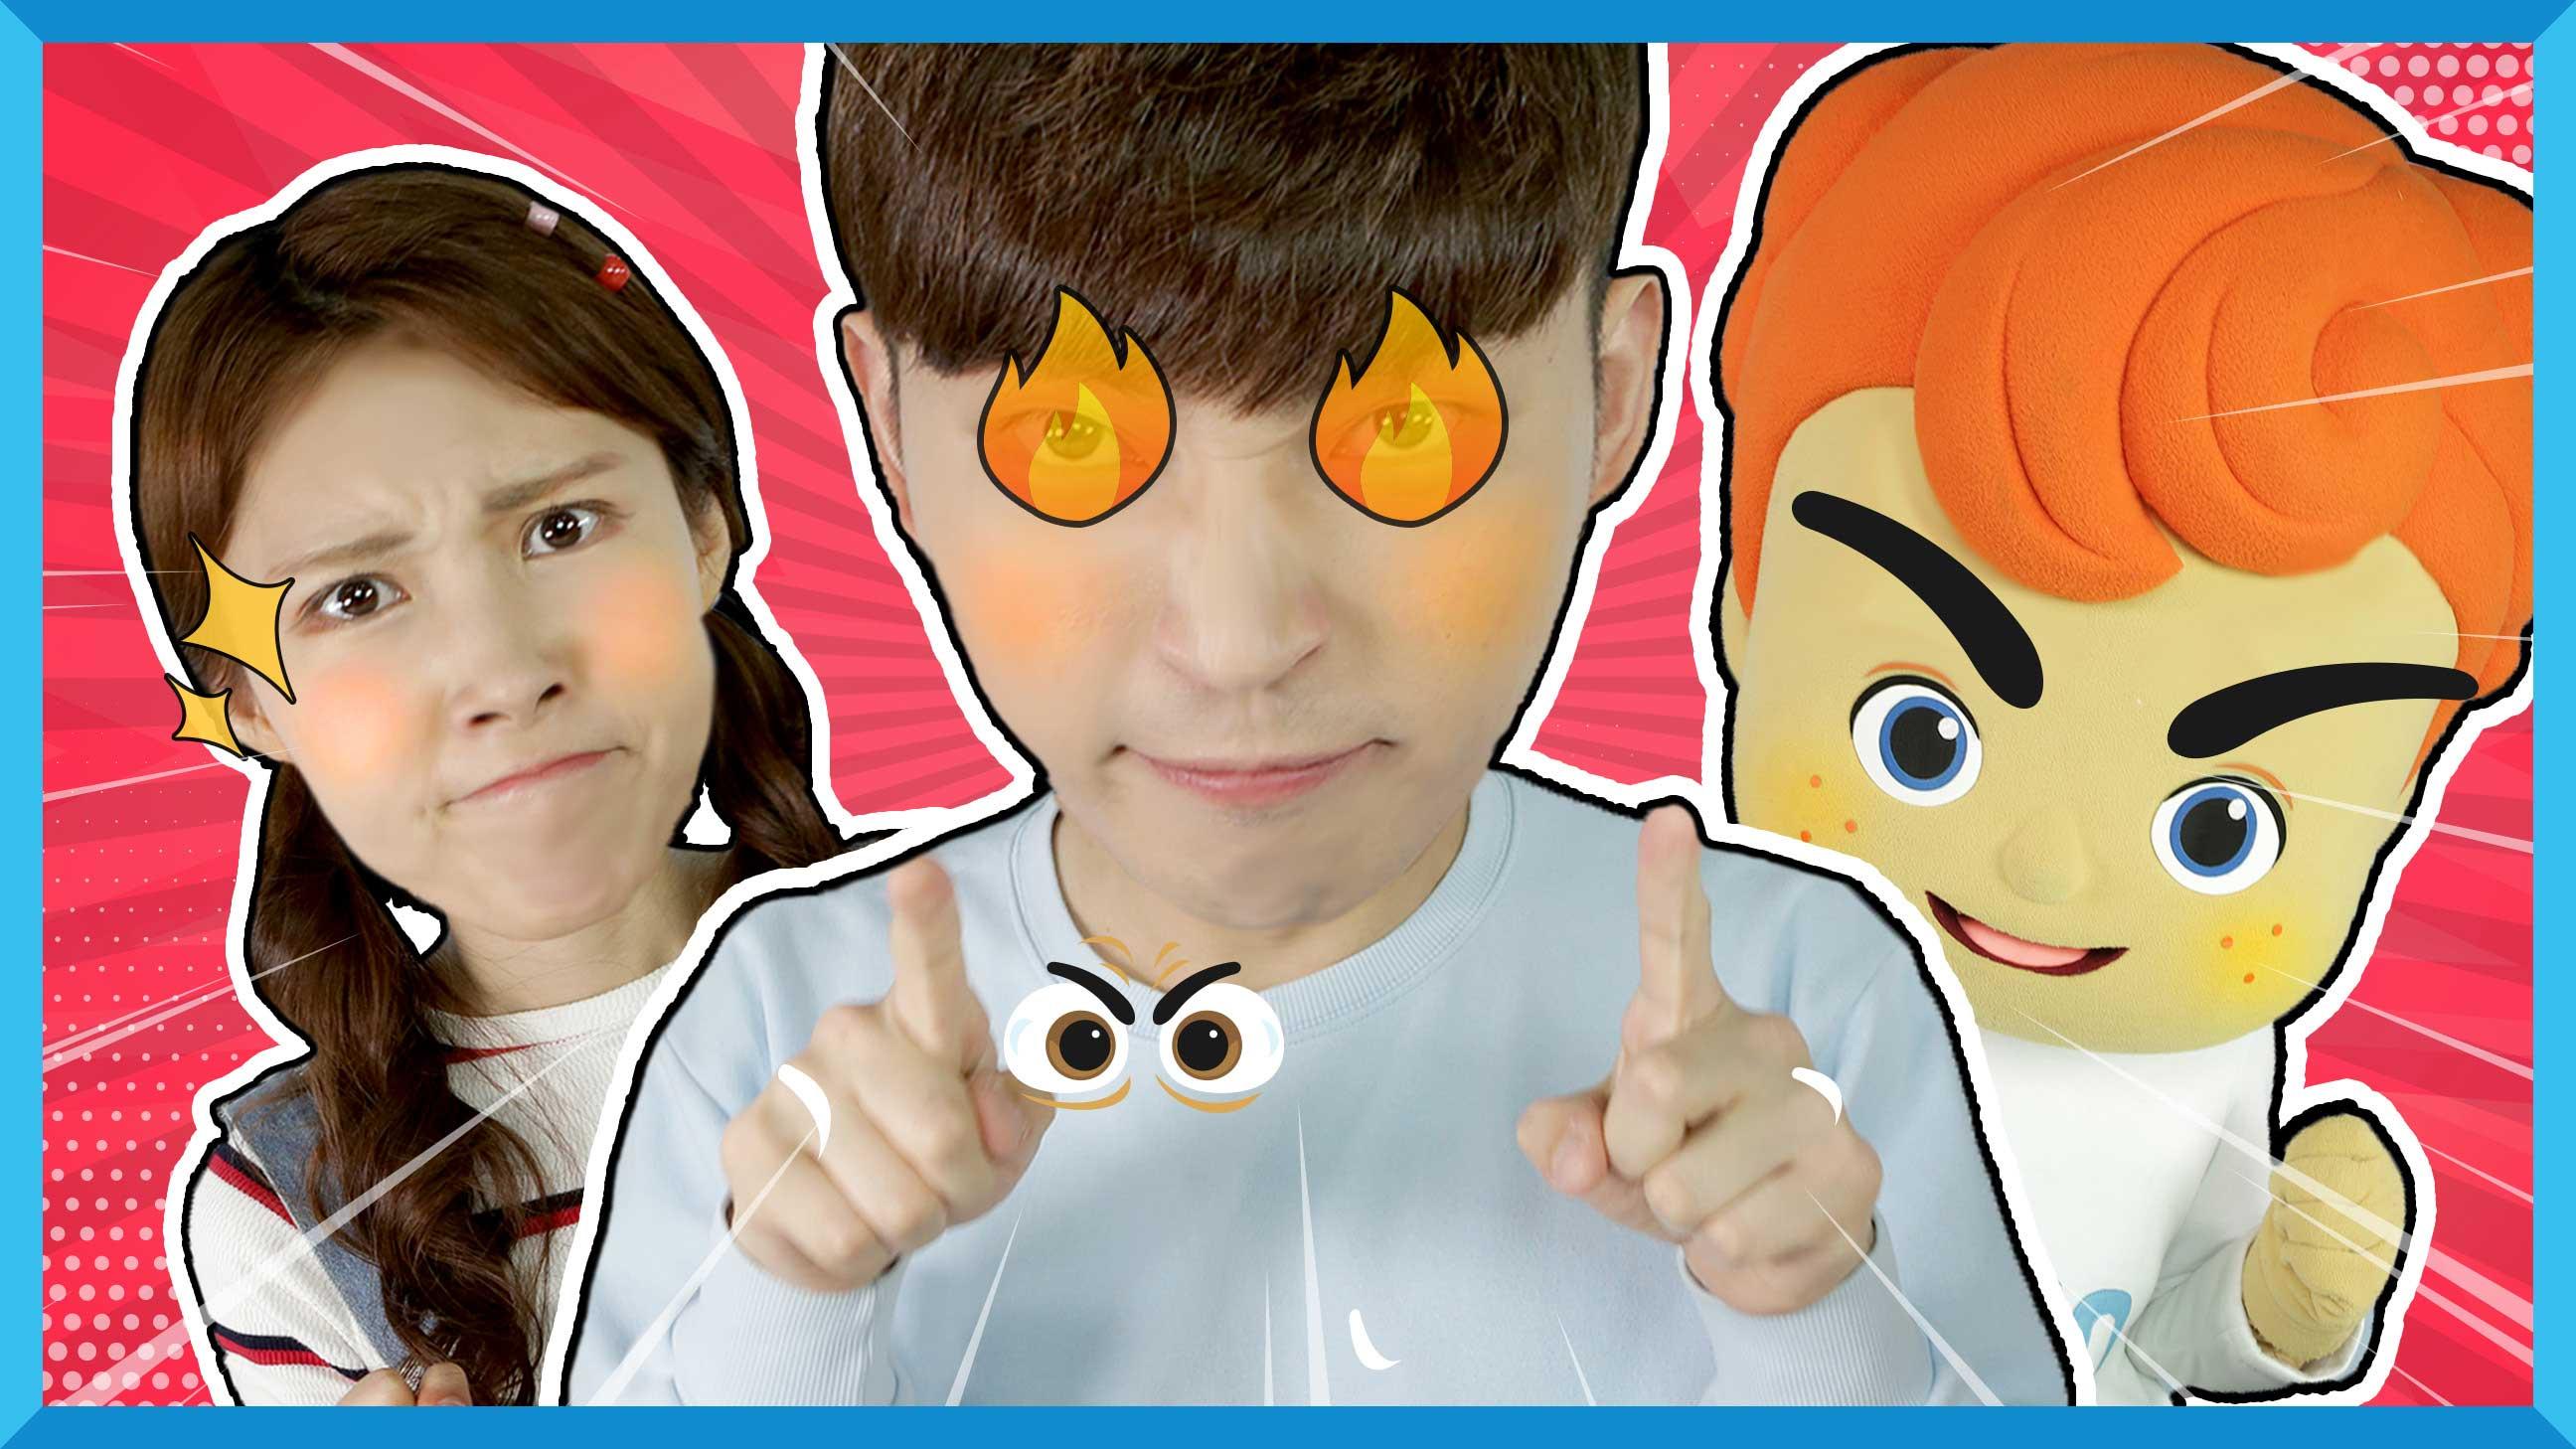 挑战鹰眼游戏!用眼睛来找茬 | 凯文和游戏 KevinAndPlay